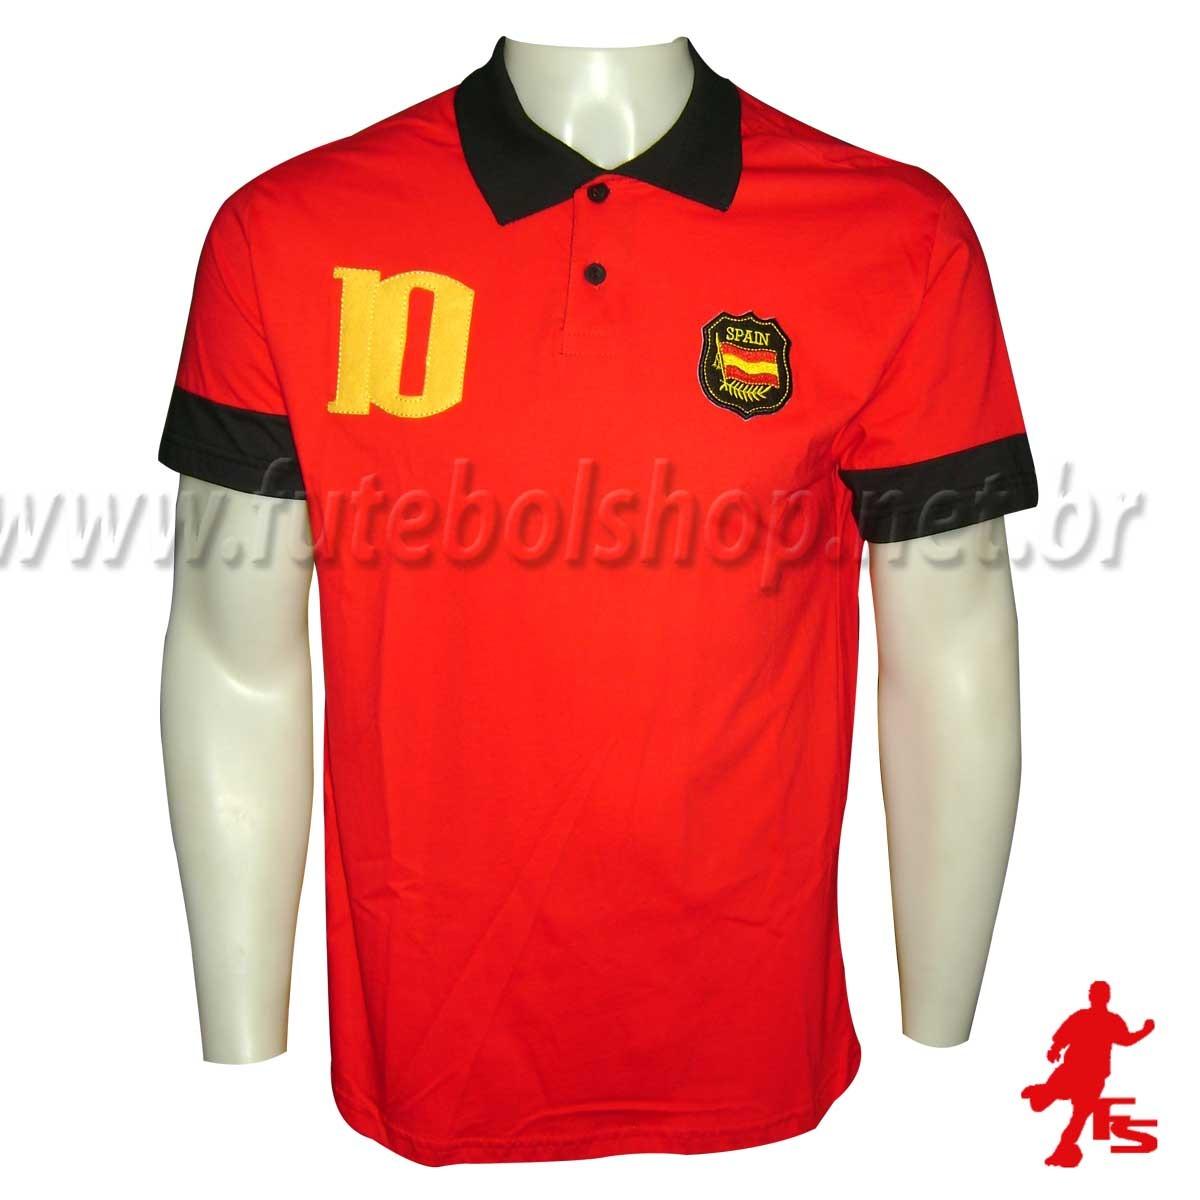 camisa polo espanha - 60391. Carregando zoom. 72f05ba5b4a9f